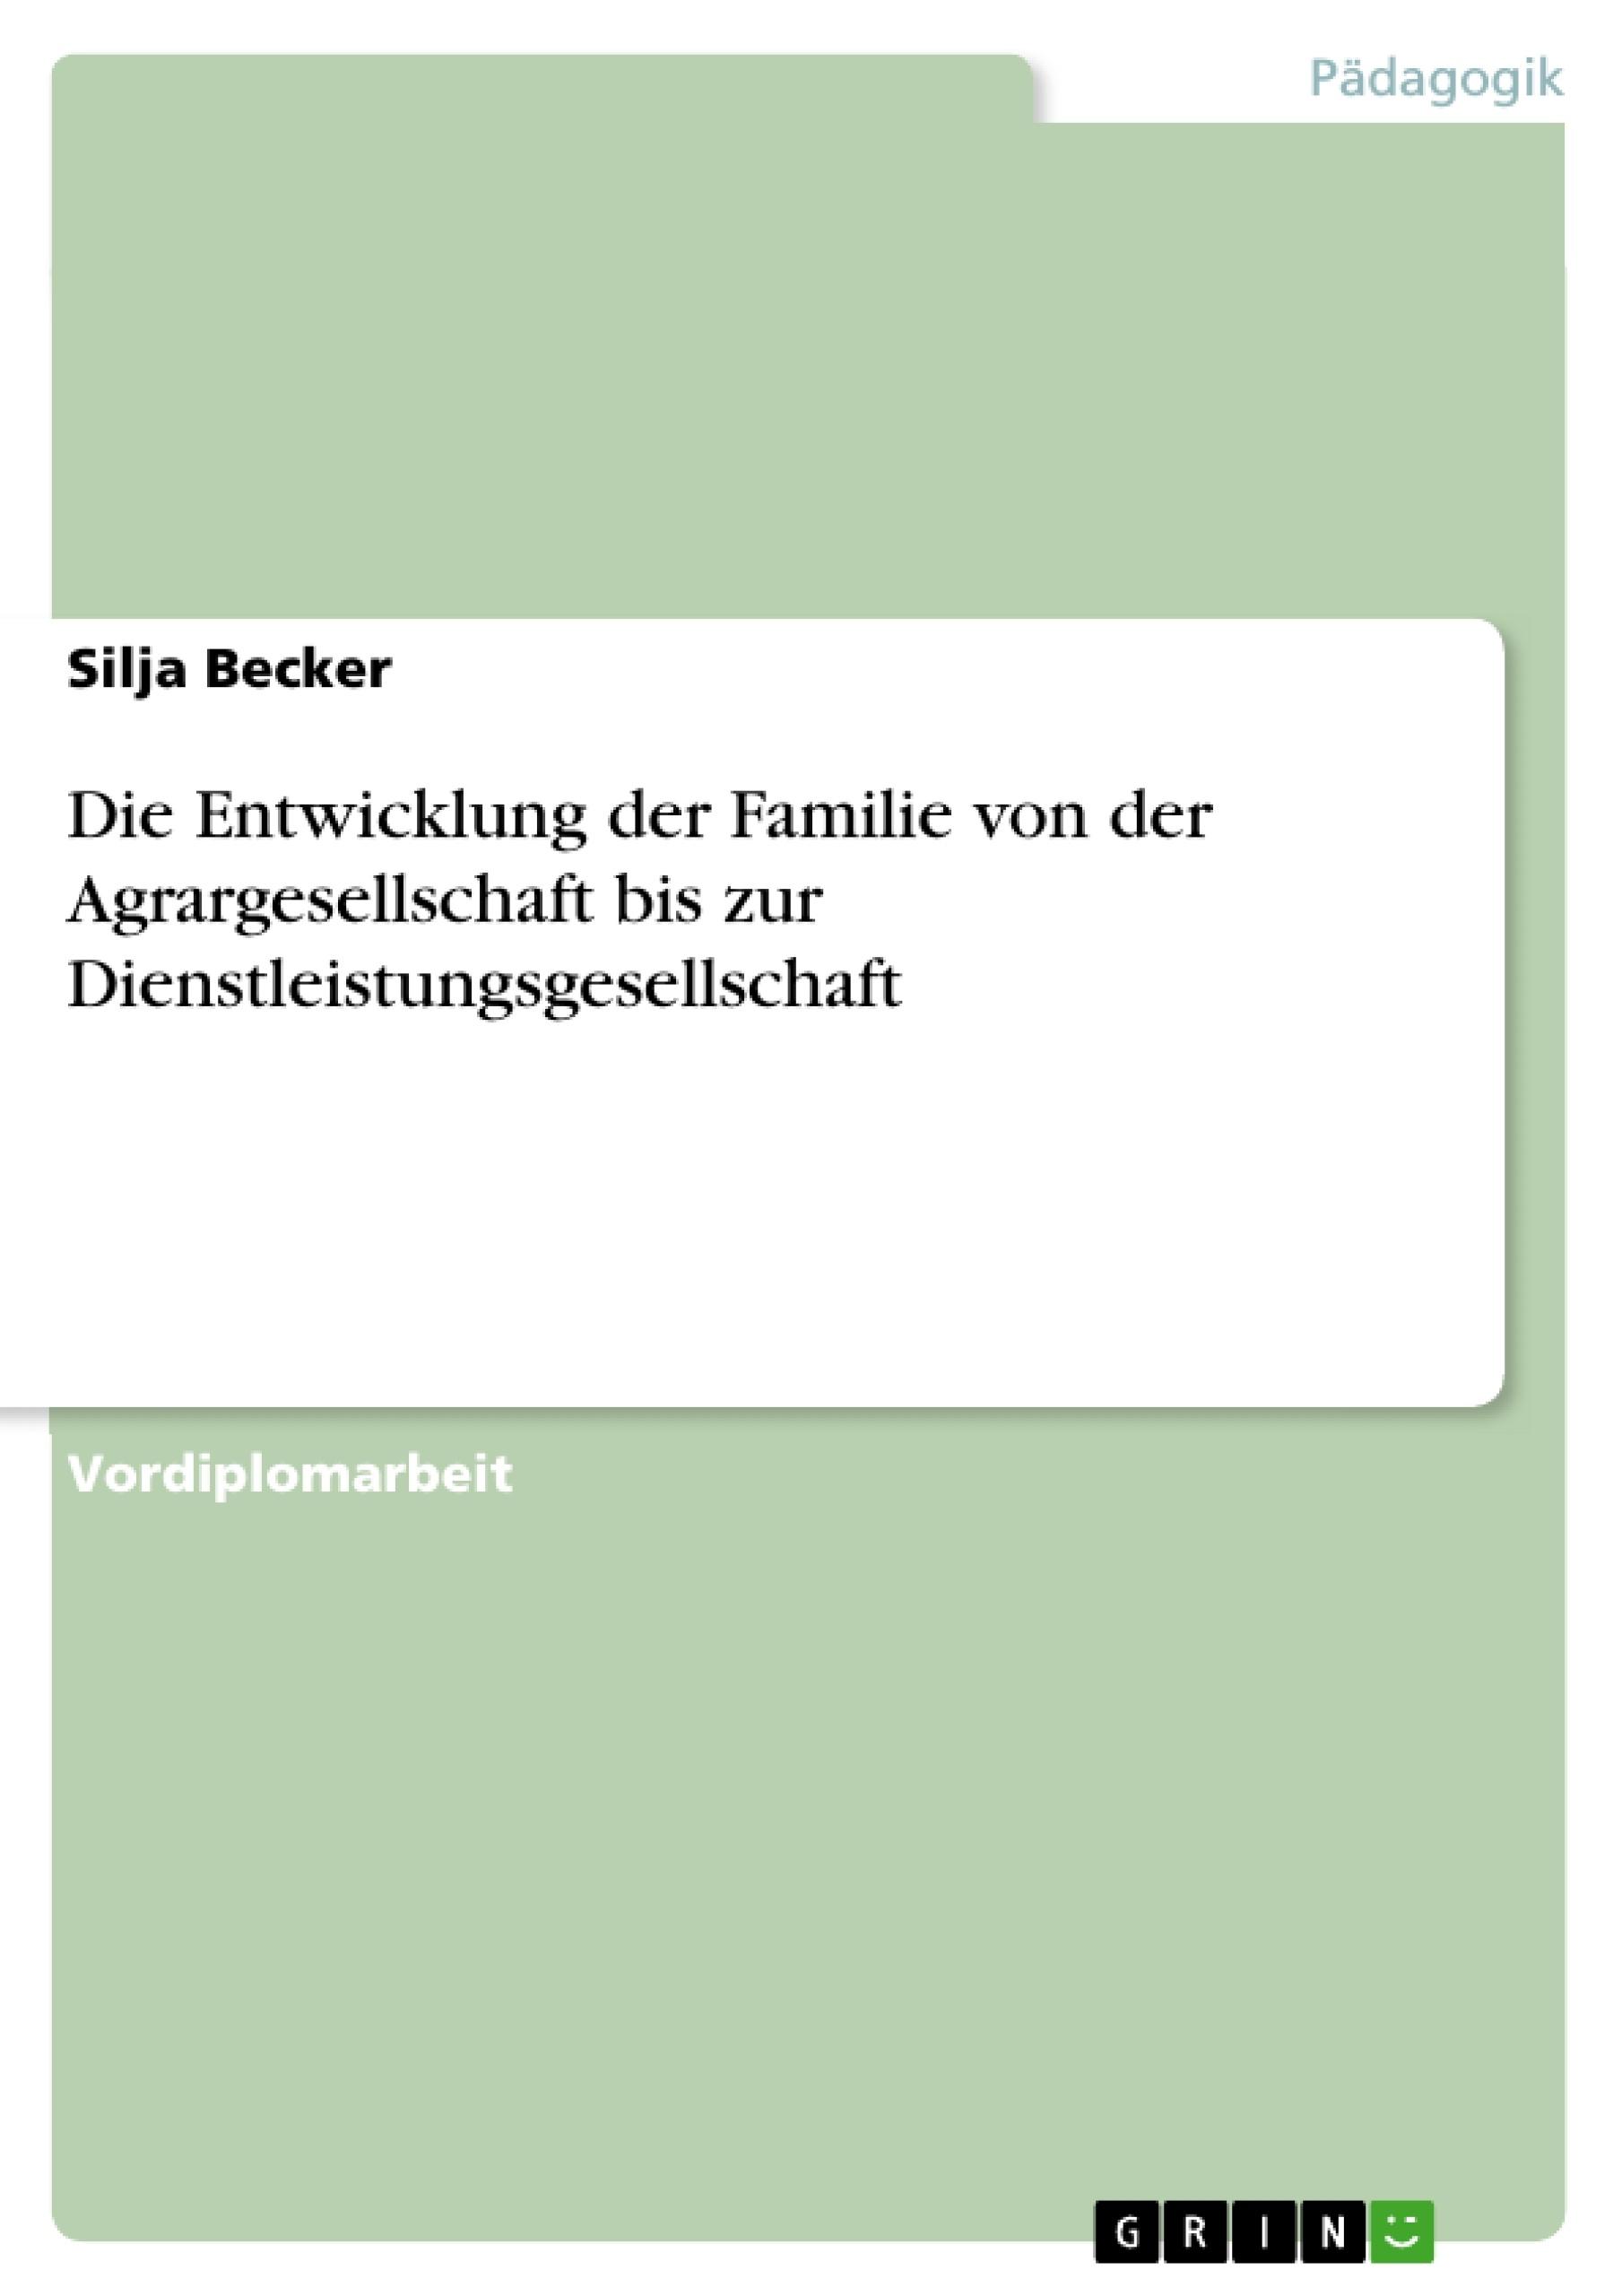 Titel: Die Entwicklung der Familie von der Agrargesellschaft bis zur Dienstleistungsgesellschaft